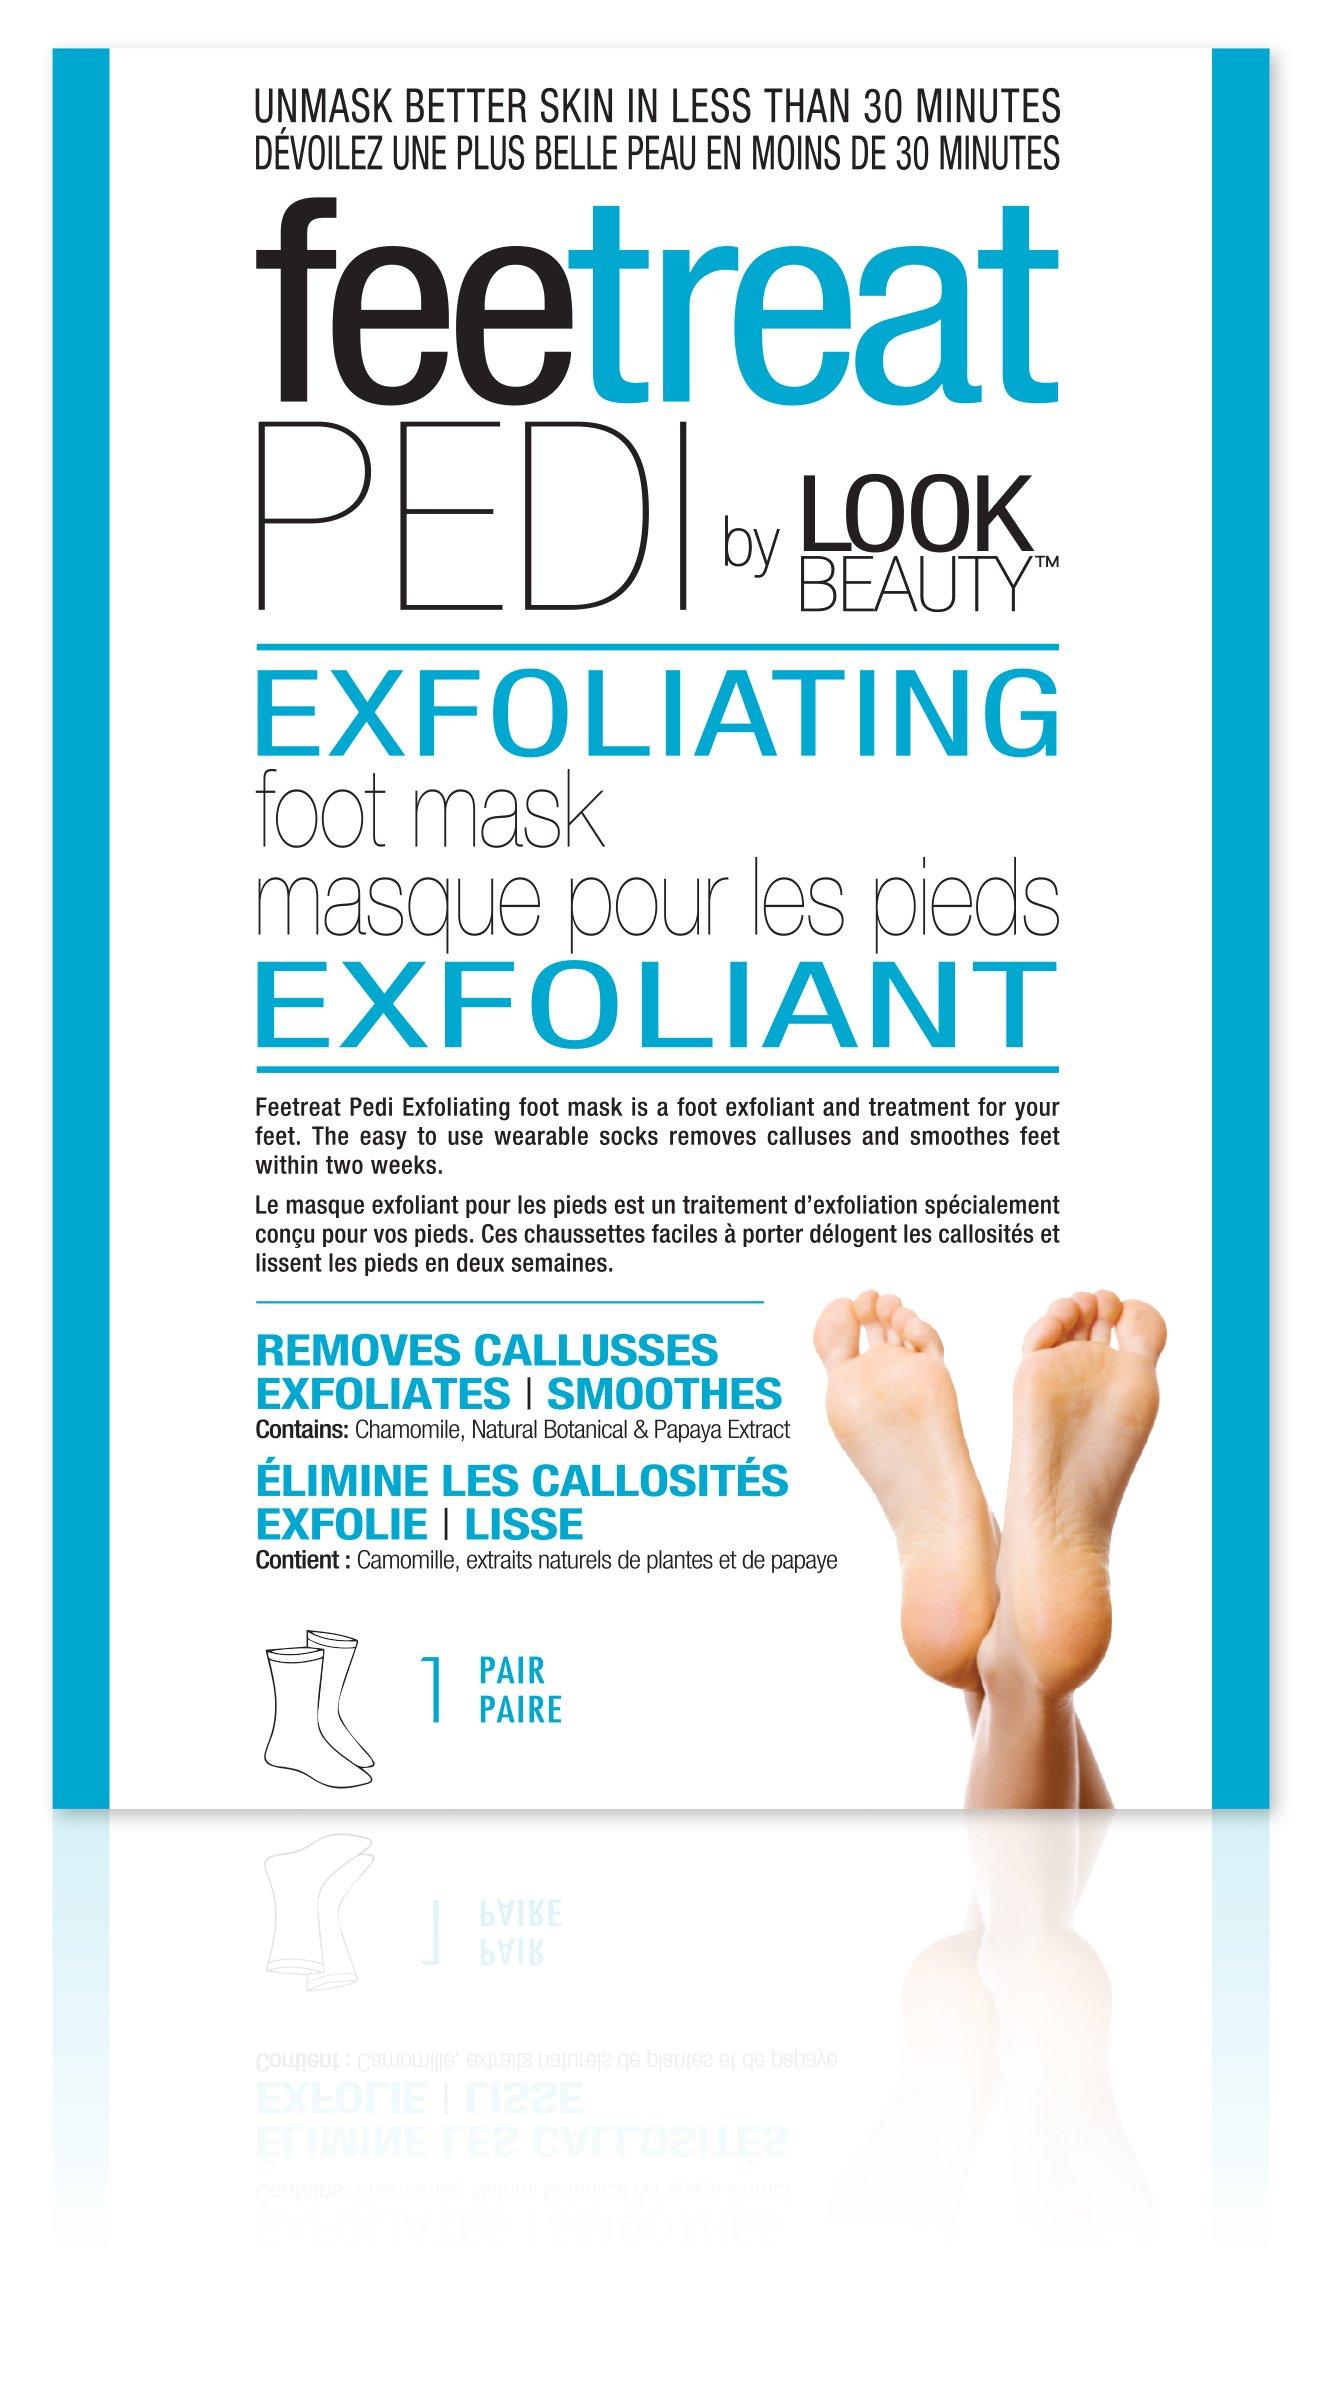 Masque Bar Exfoliating Foot Mask - 1 Pair, 0.23 Pound